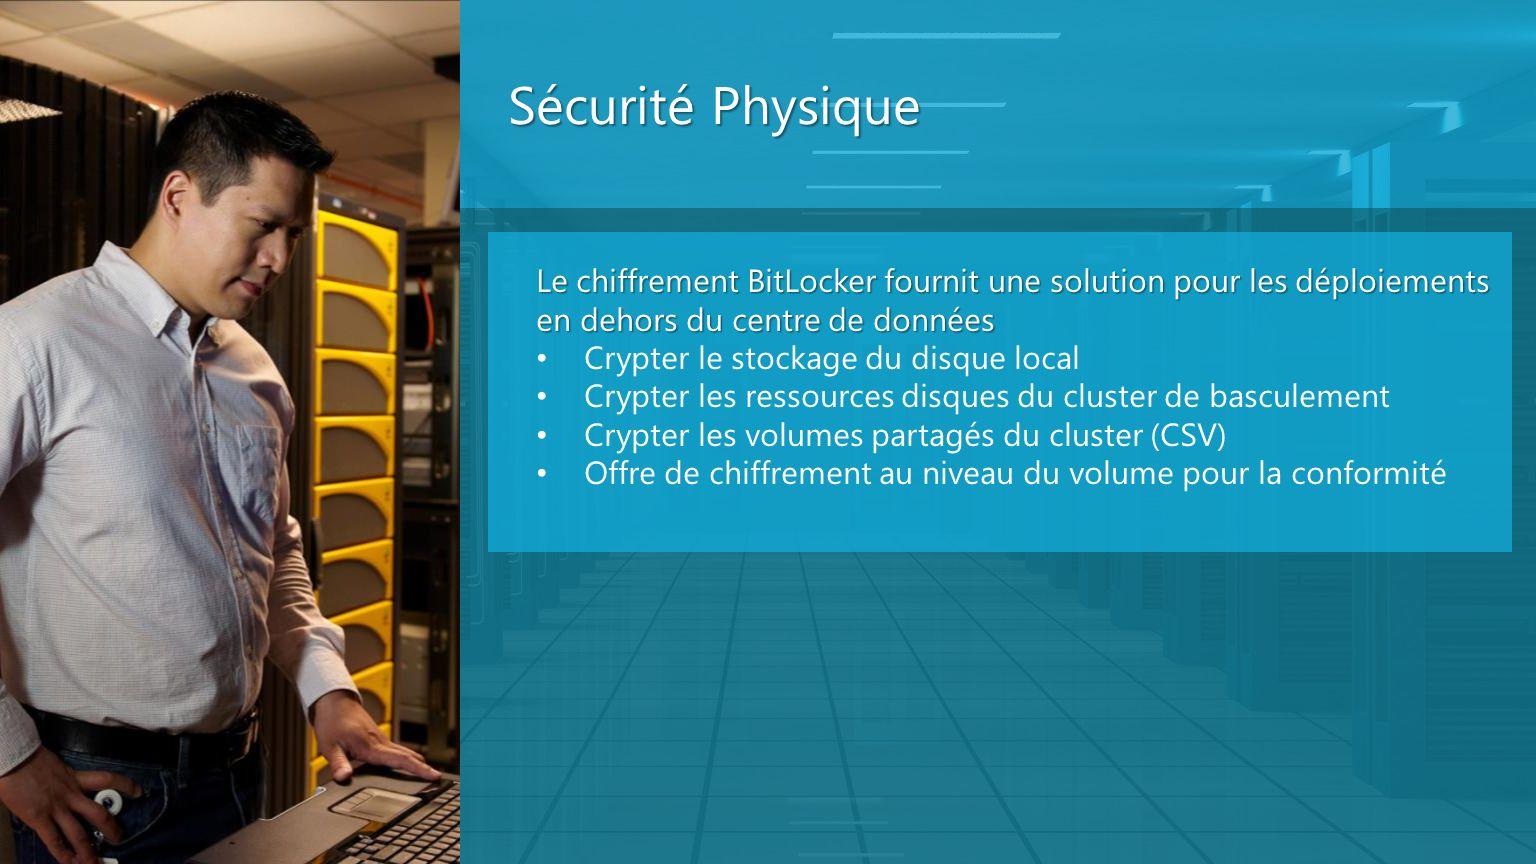 Sécurité Physique Le chiffrement BitLocker fournit une solution pour les déploiements en dehors du centre de données Crypter le stockage du disque loc